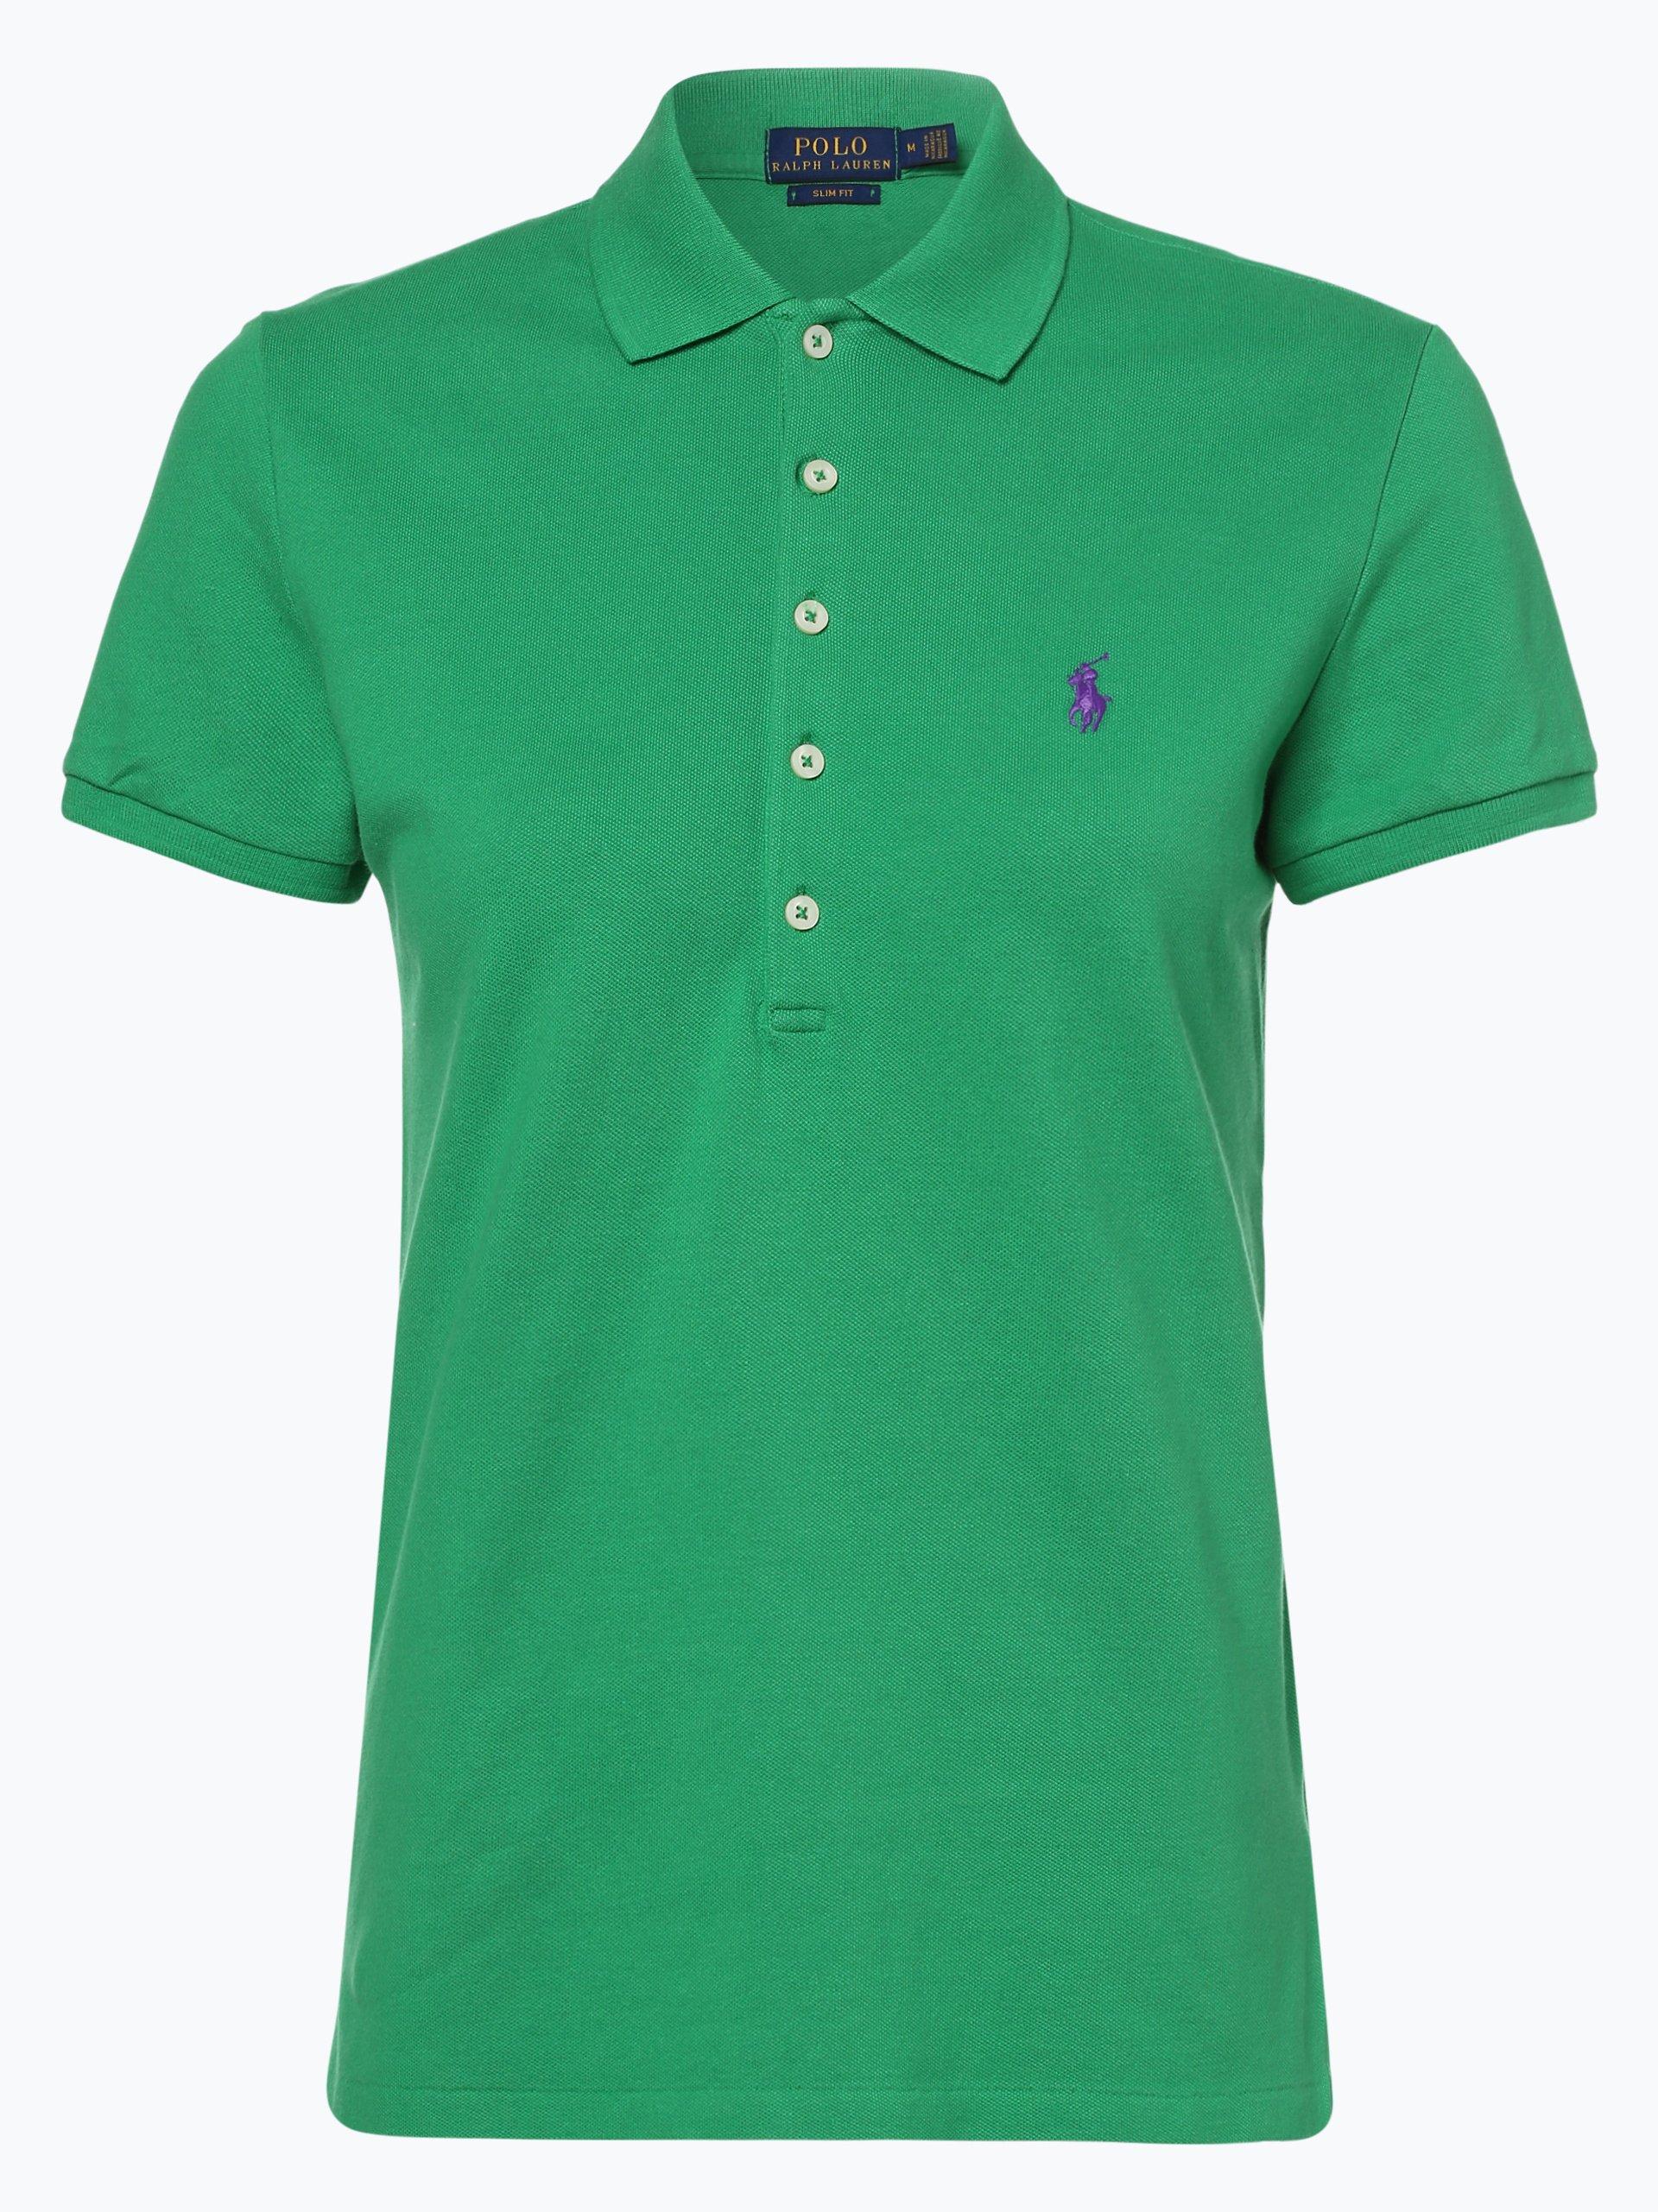 Polo Ralph Lauren Damen Poloshirt - Slim Fit